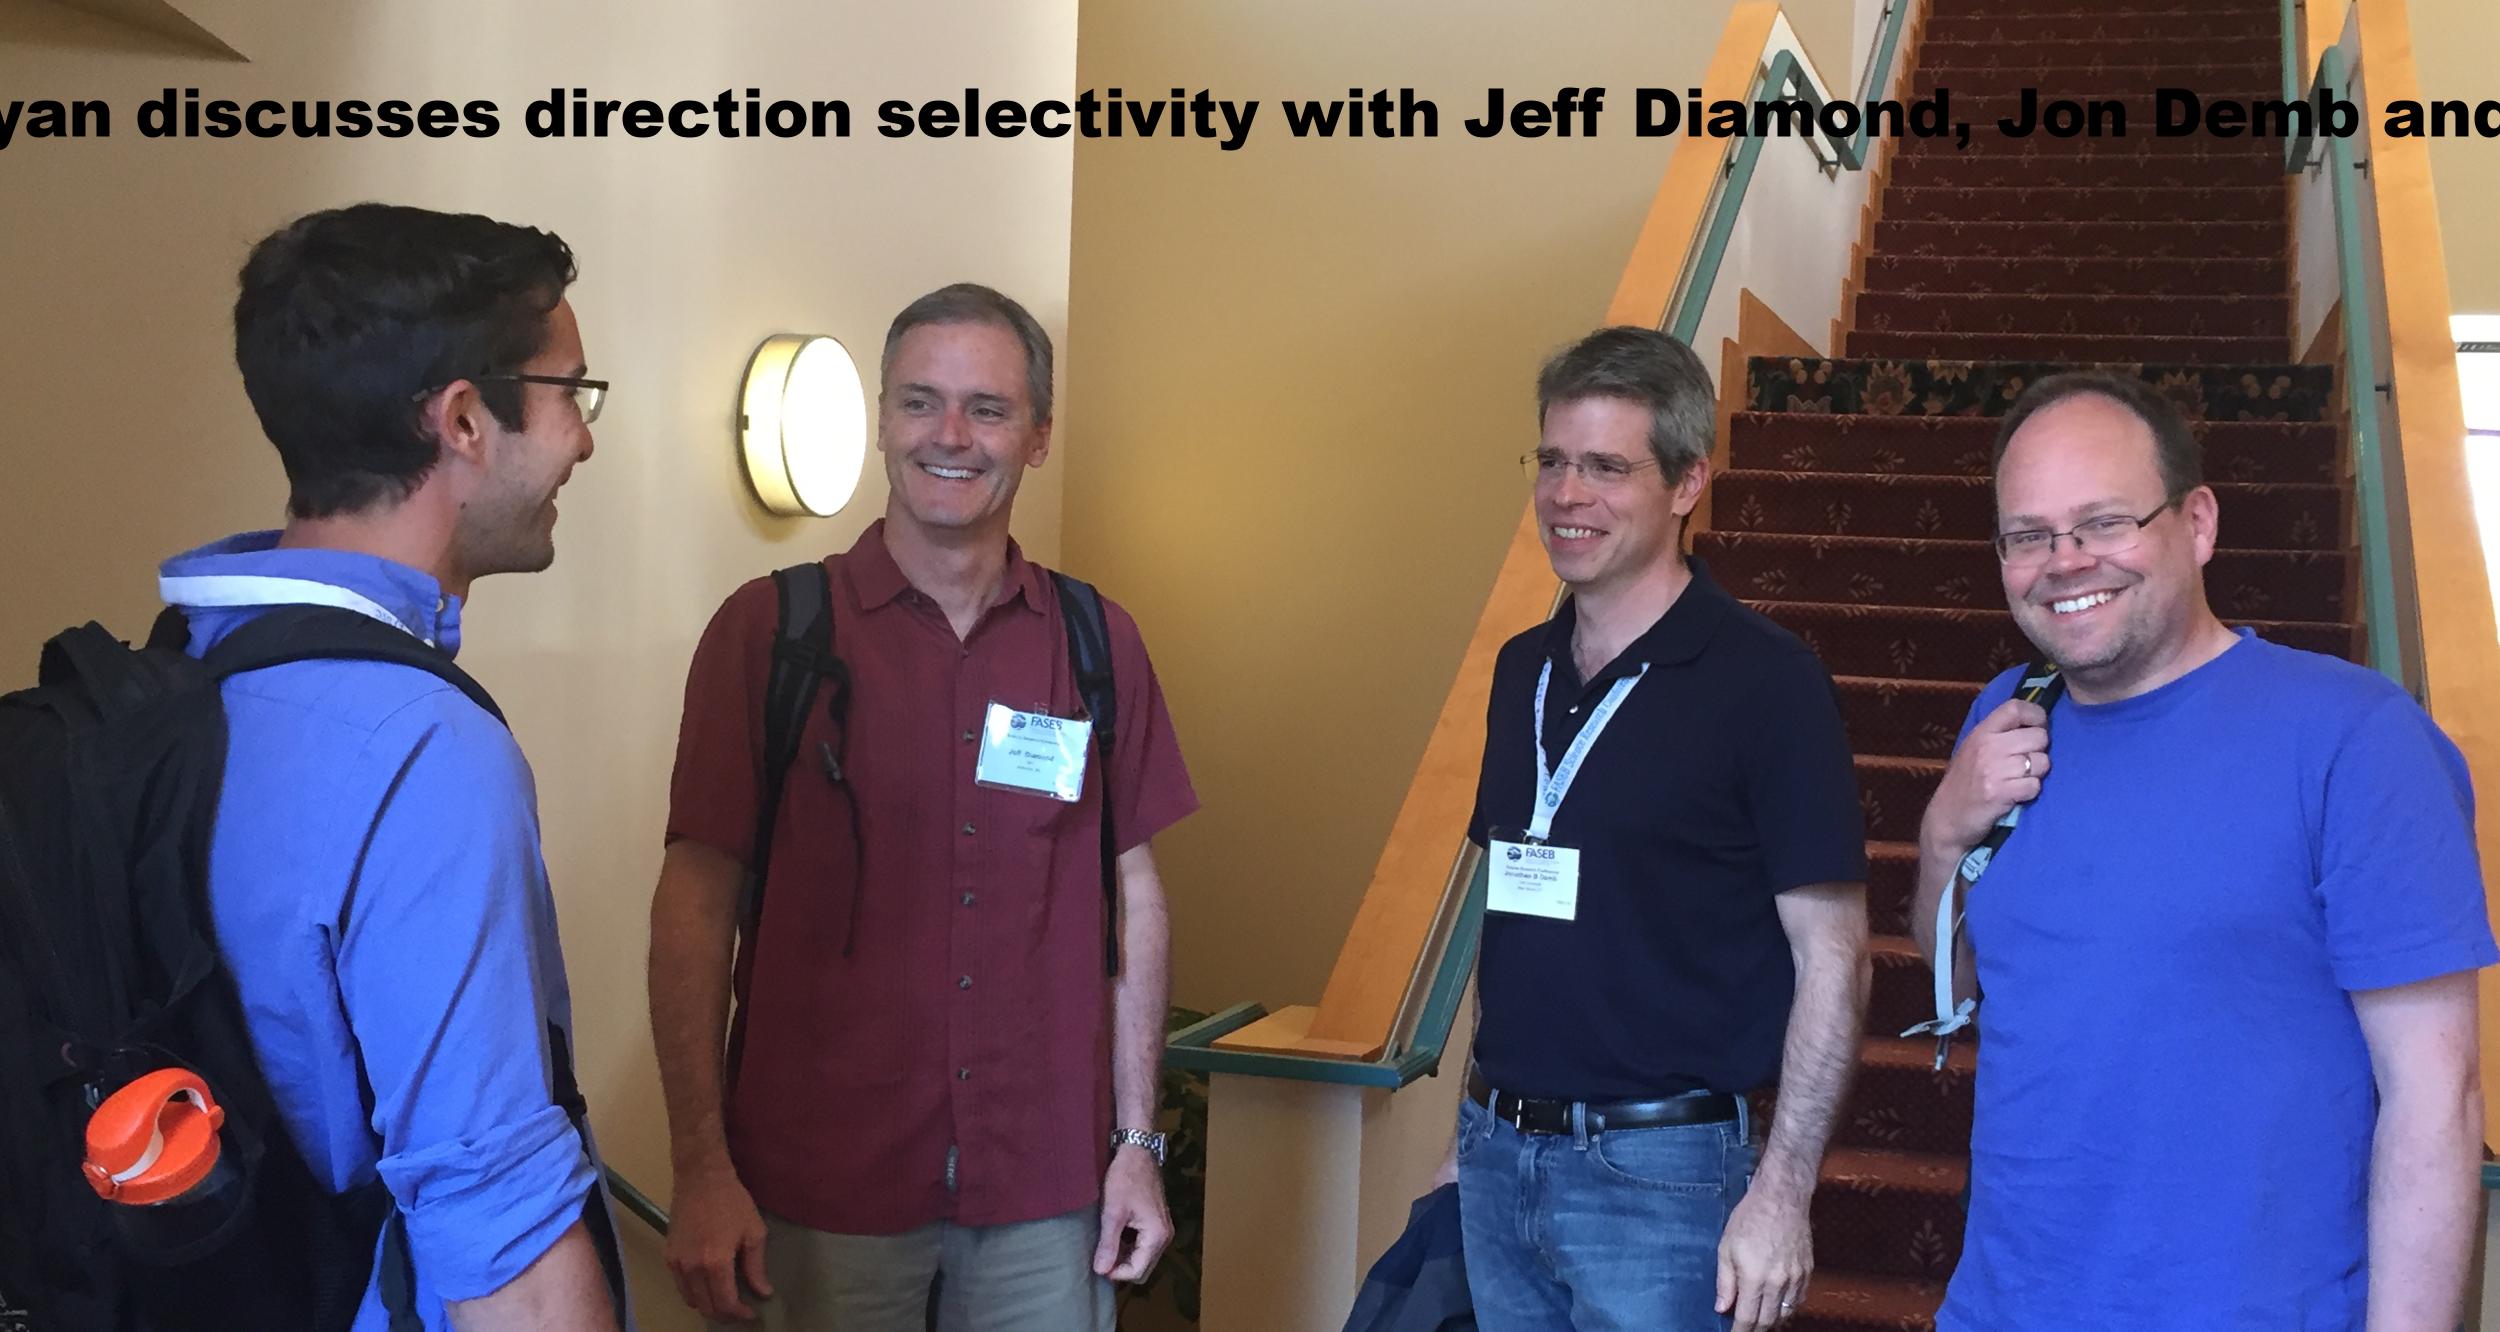 Ryan with Jeff Diamond, Jon Demb and Thomas Euler